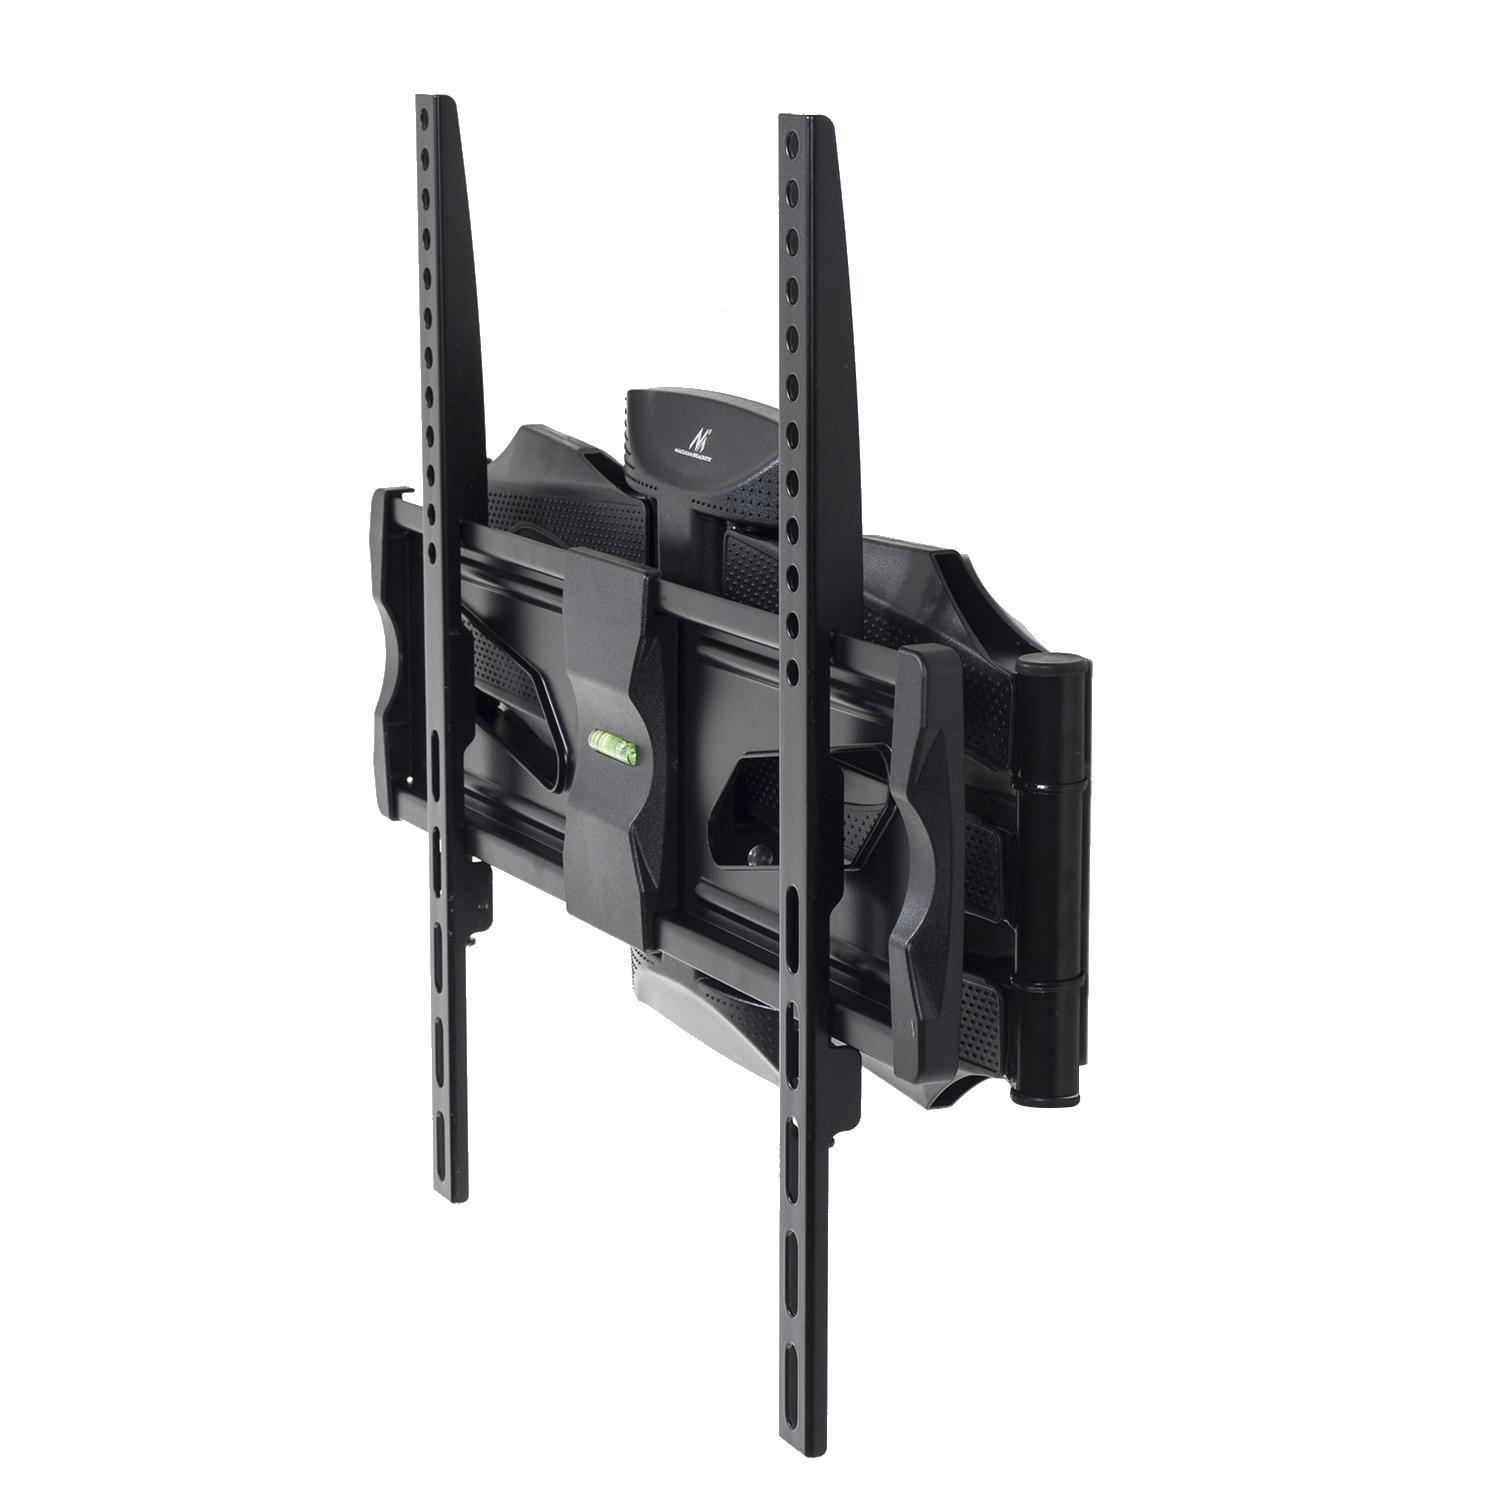 Vynikající televizní držák za skvělou cenu Fiber Mounts DELTA781 - otáčení do stran, délkové nastavení, náklon, korekce roviny, vedení kabeláže, spolehlivost a bezpečnost.